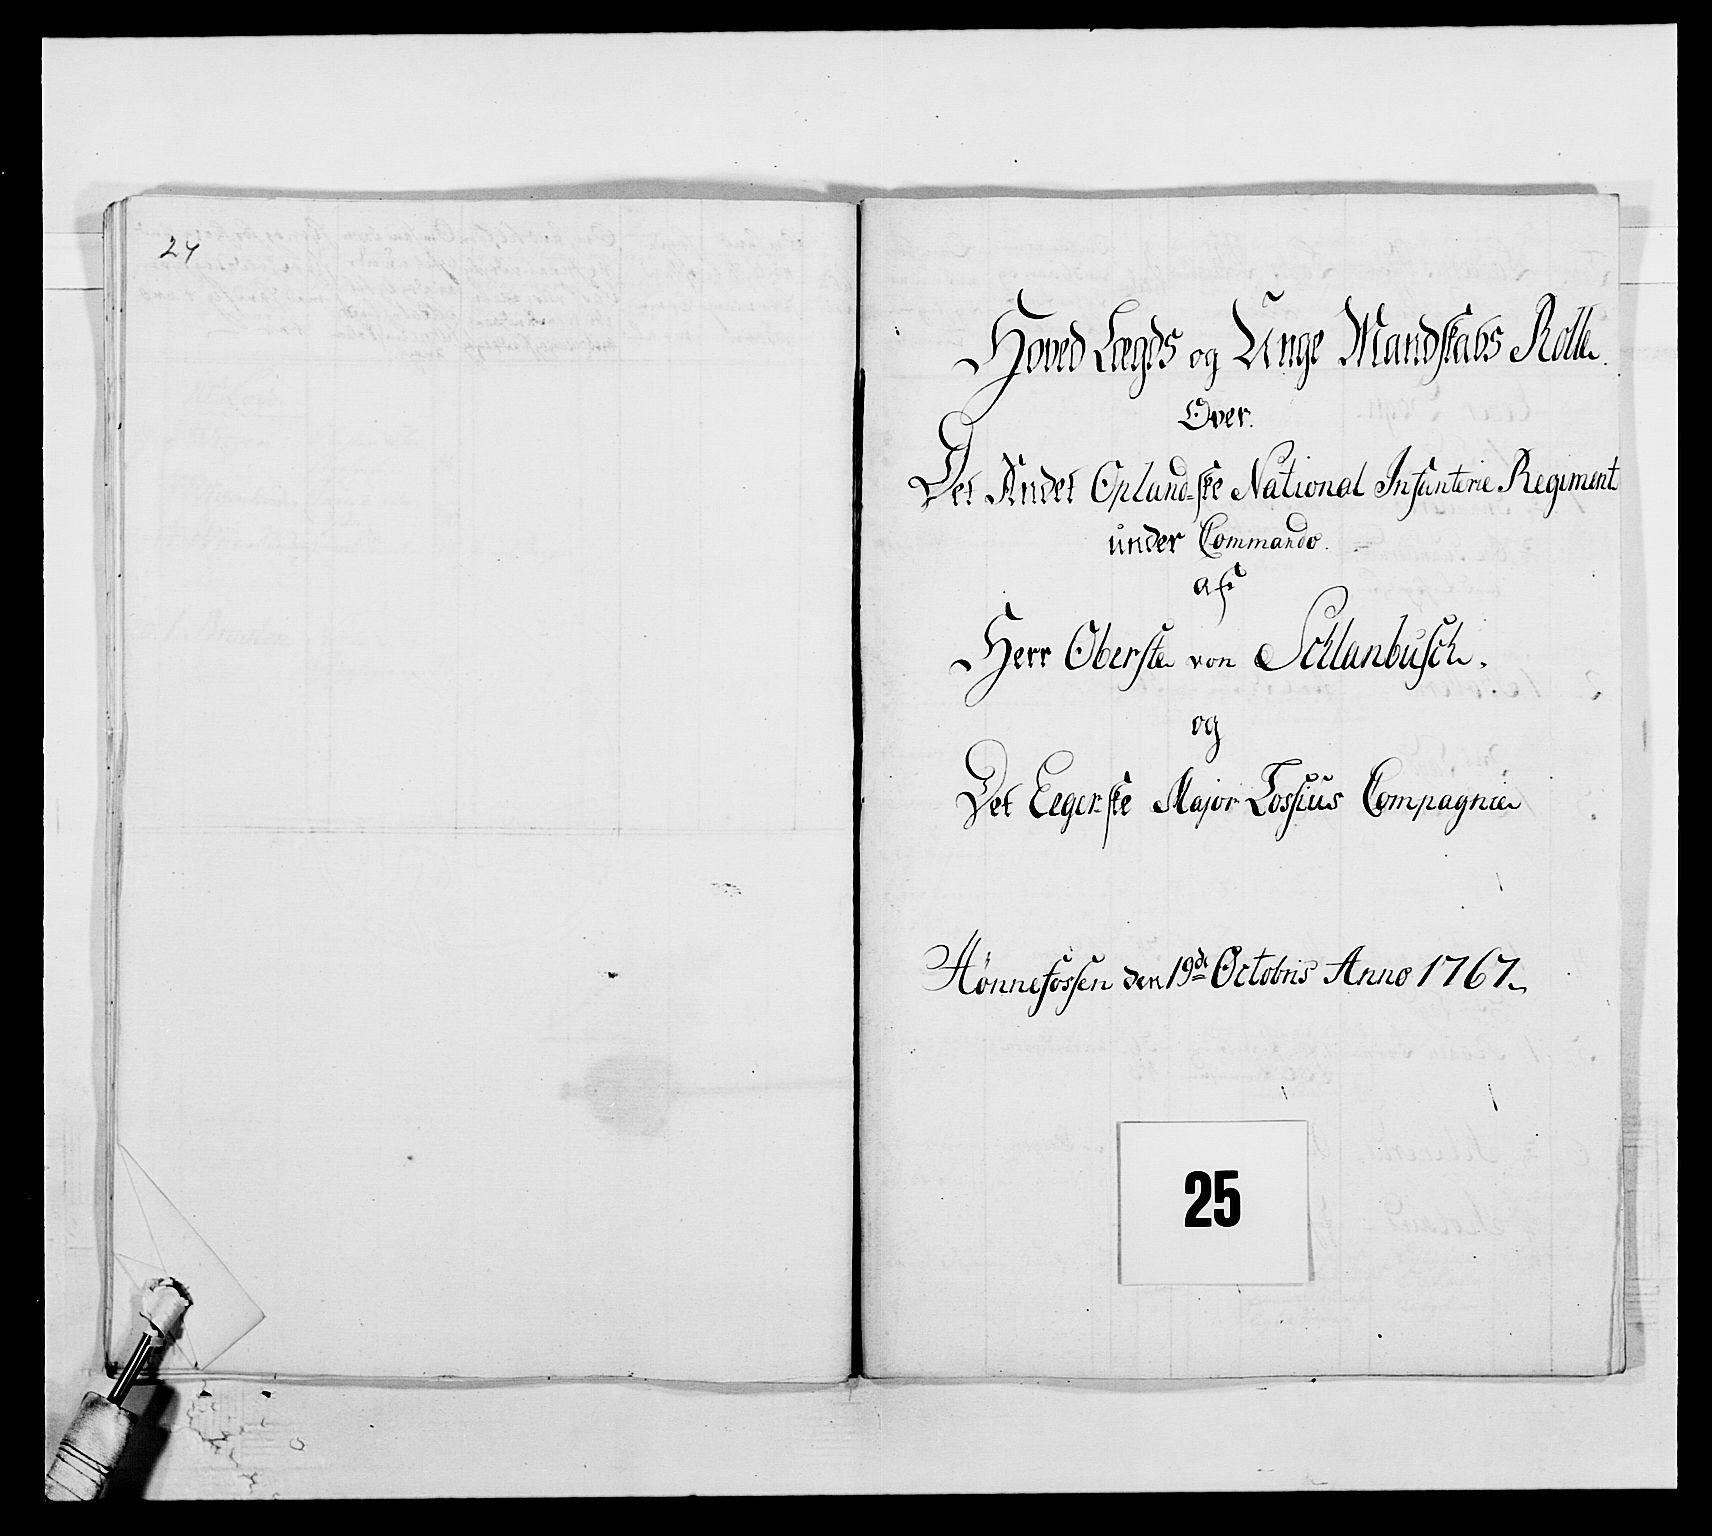 RA, Kommanderende general (KG I) med Det norske krigsdirektorium, E/Ea/L0507: 2. Opplandske regiment, 1766-1767, s. 537